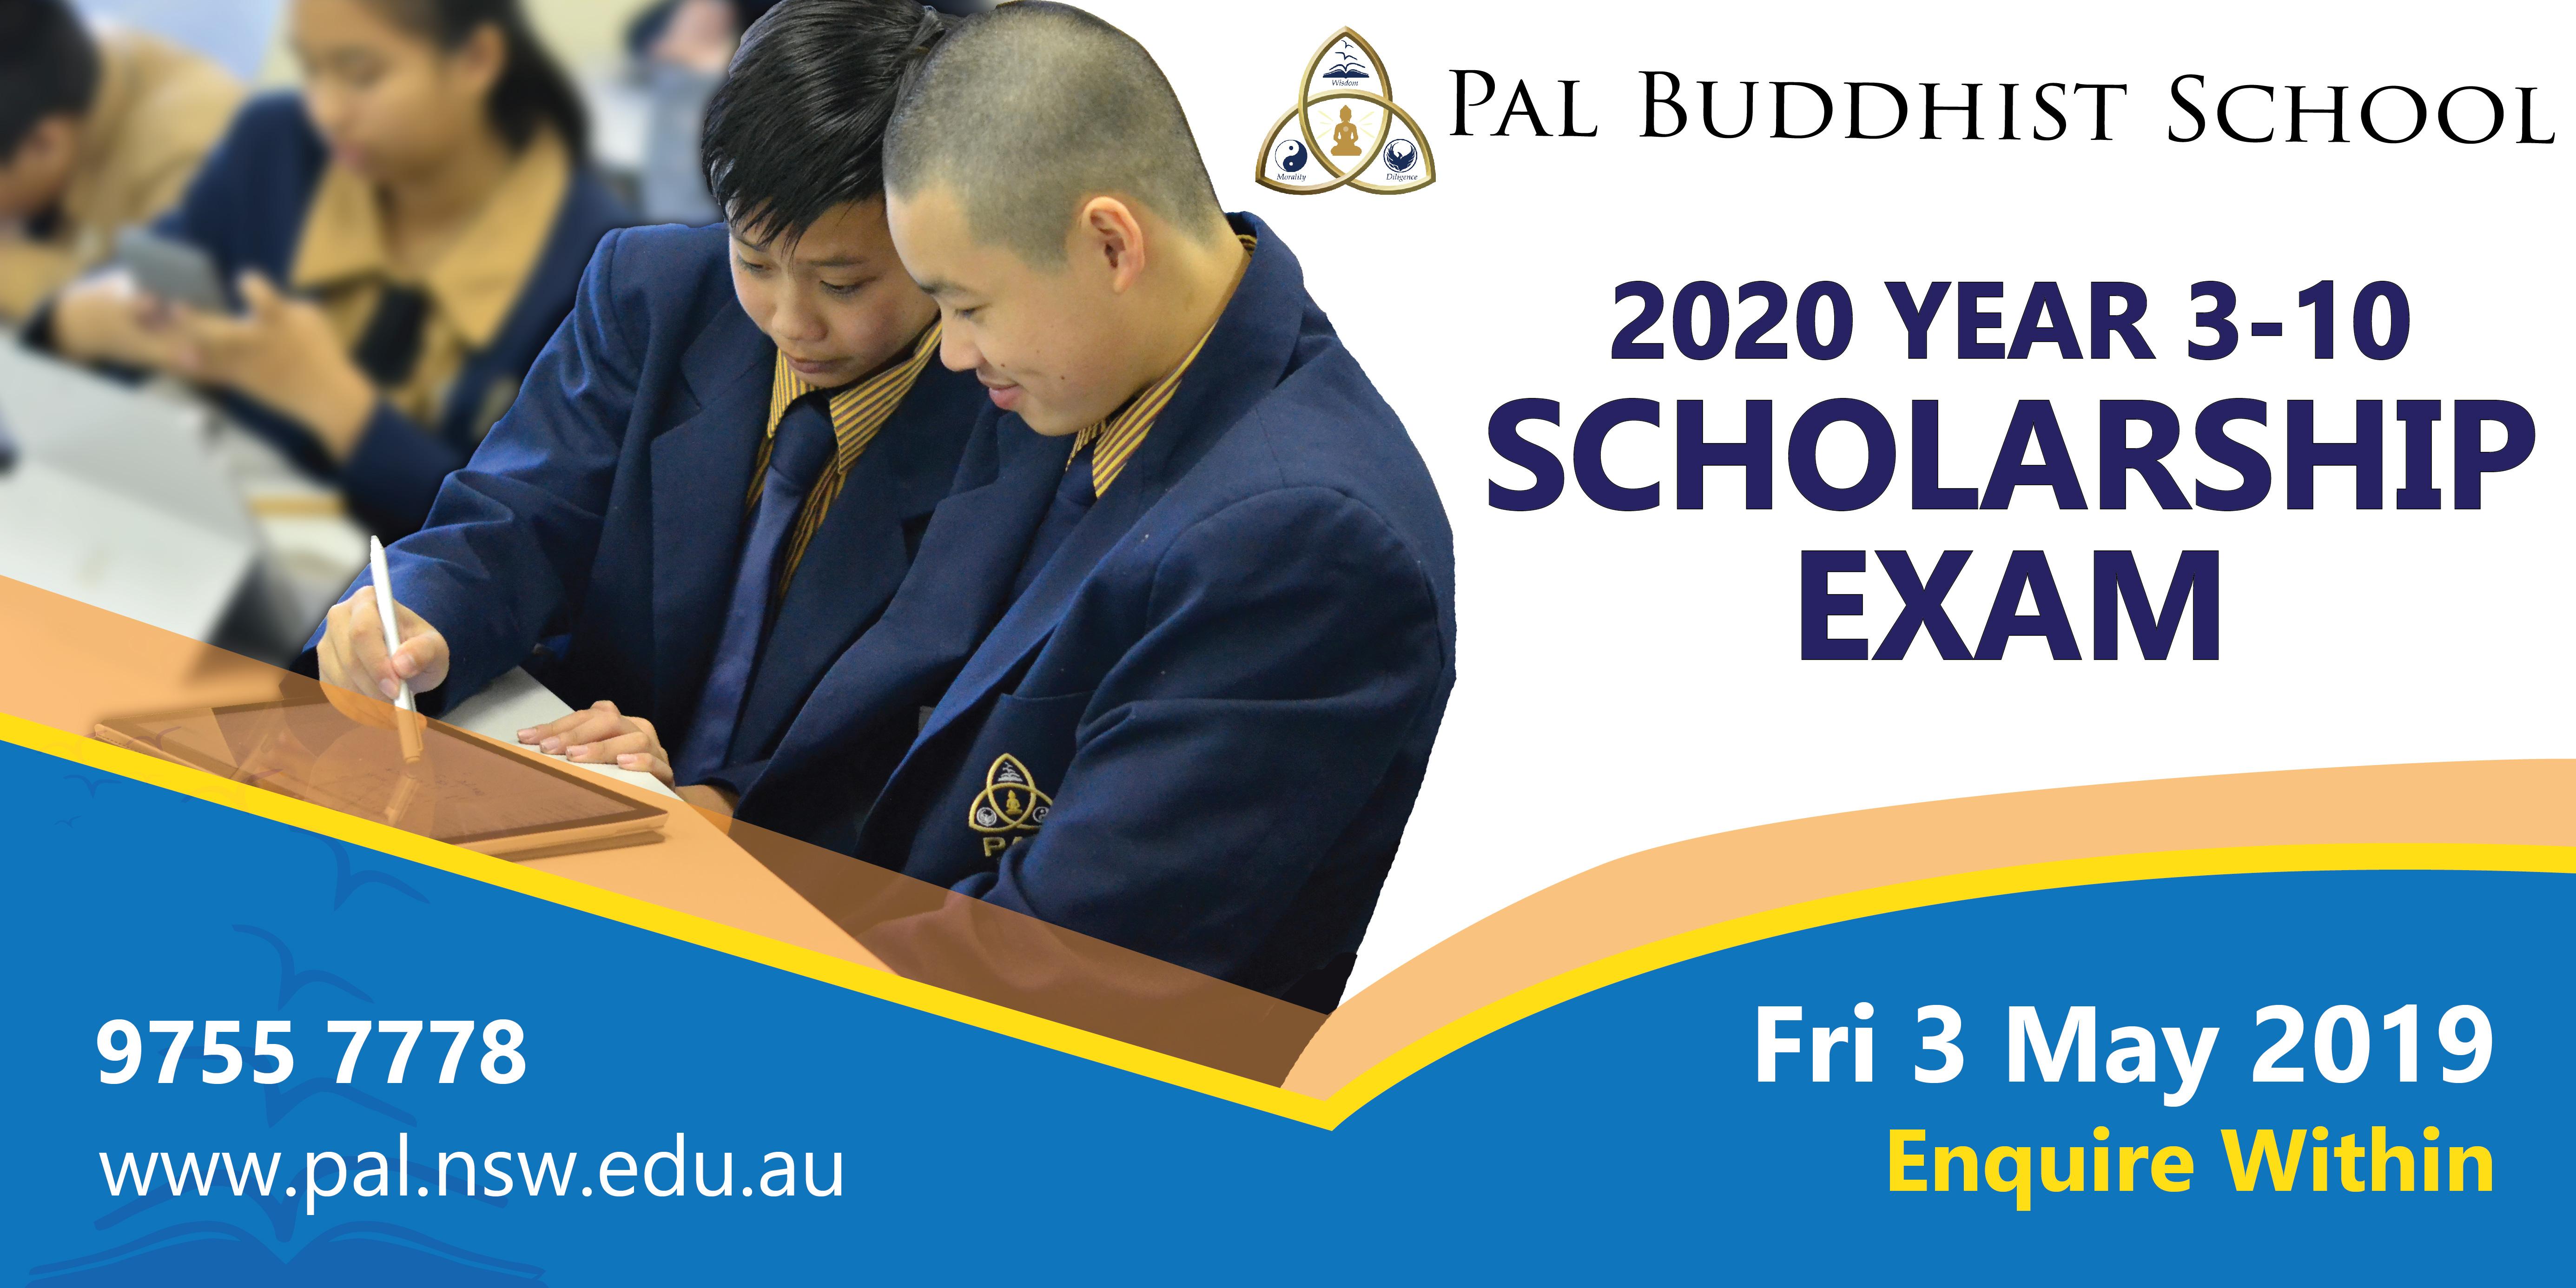 Pal Buddhist School | Year 3-12